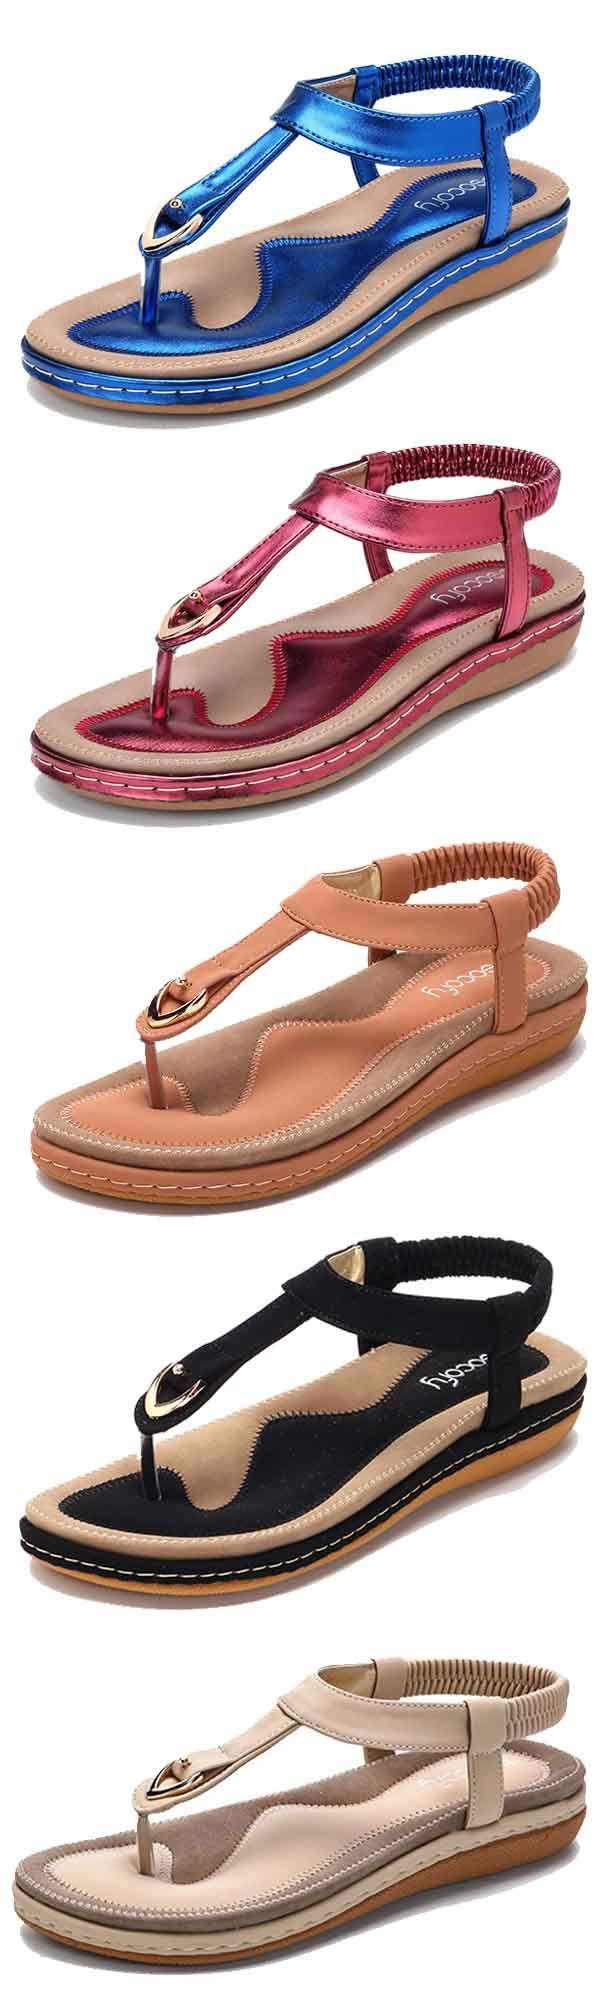 SOCOFY Sapatos Confortáveis Clipe Elástico Toe Sandálias de Praia Plana Tamanho EUA 5-13 # sandália   – schuhe